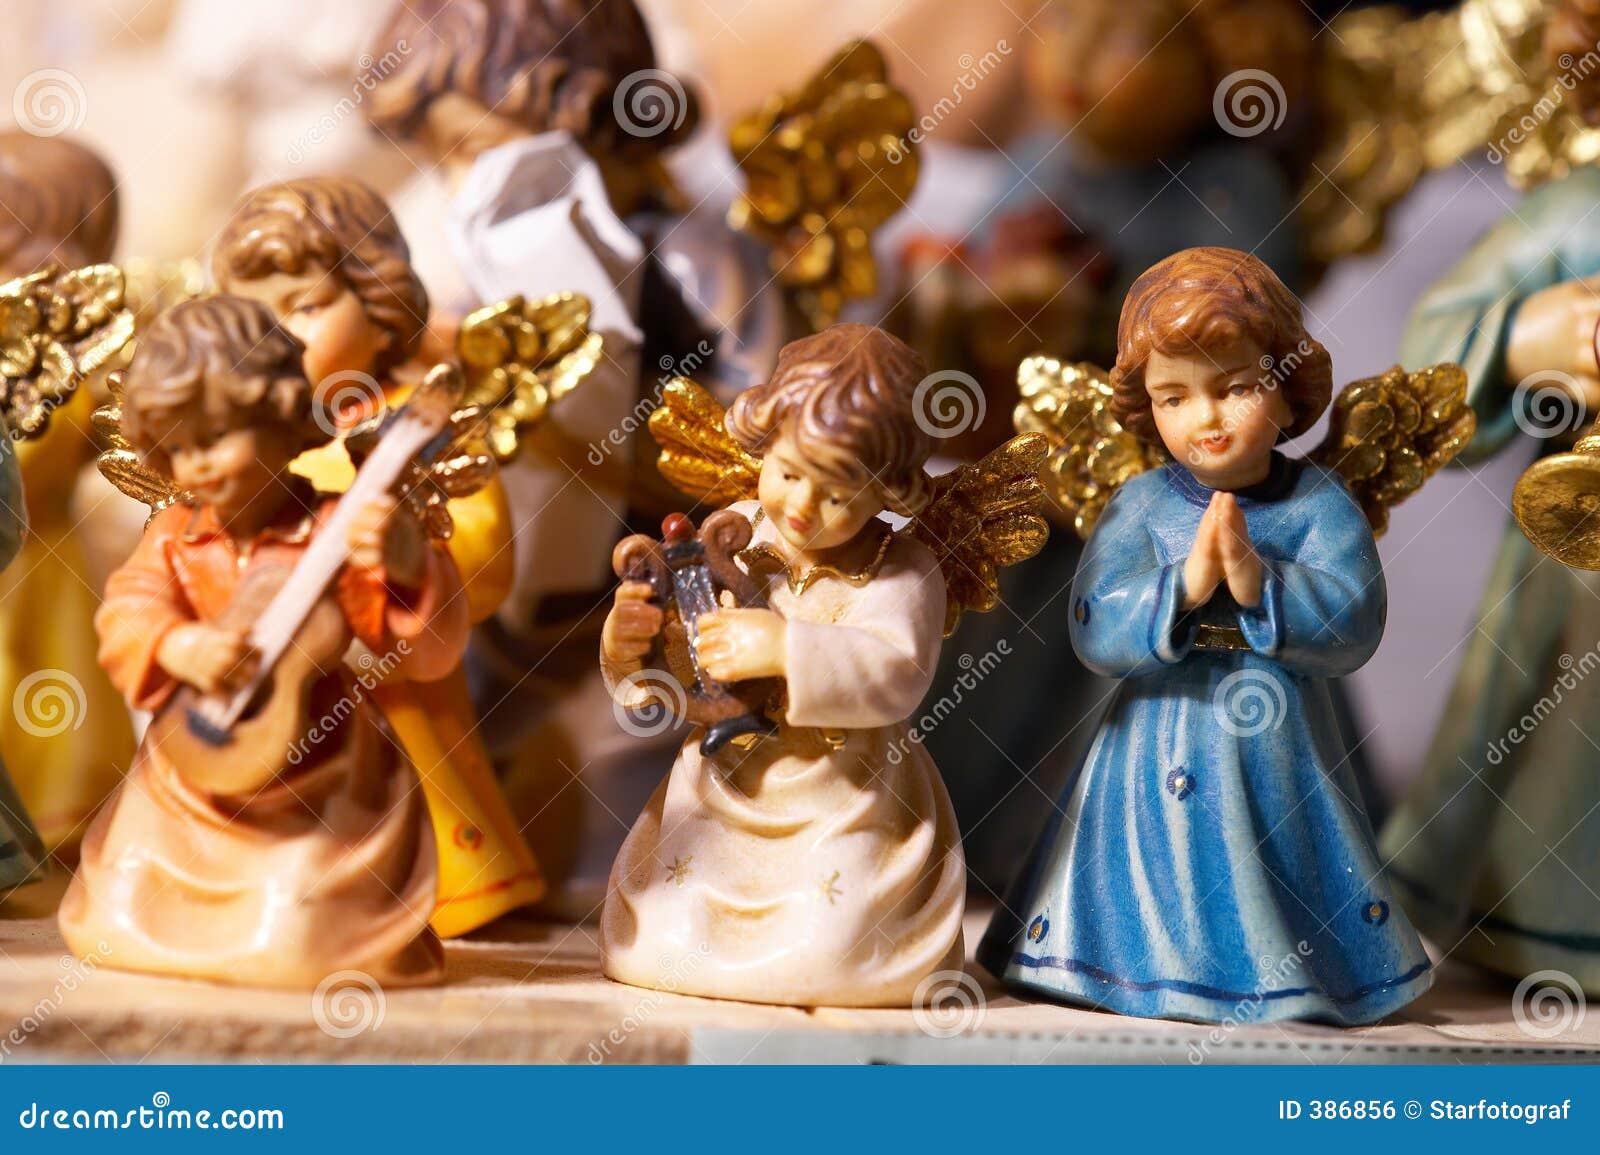 Les anges dans Noël font des emplettes - und Krippenfiguren d Engel